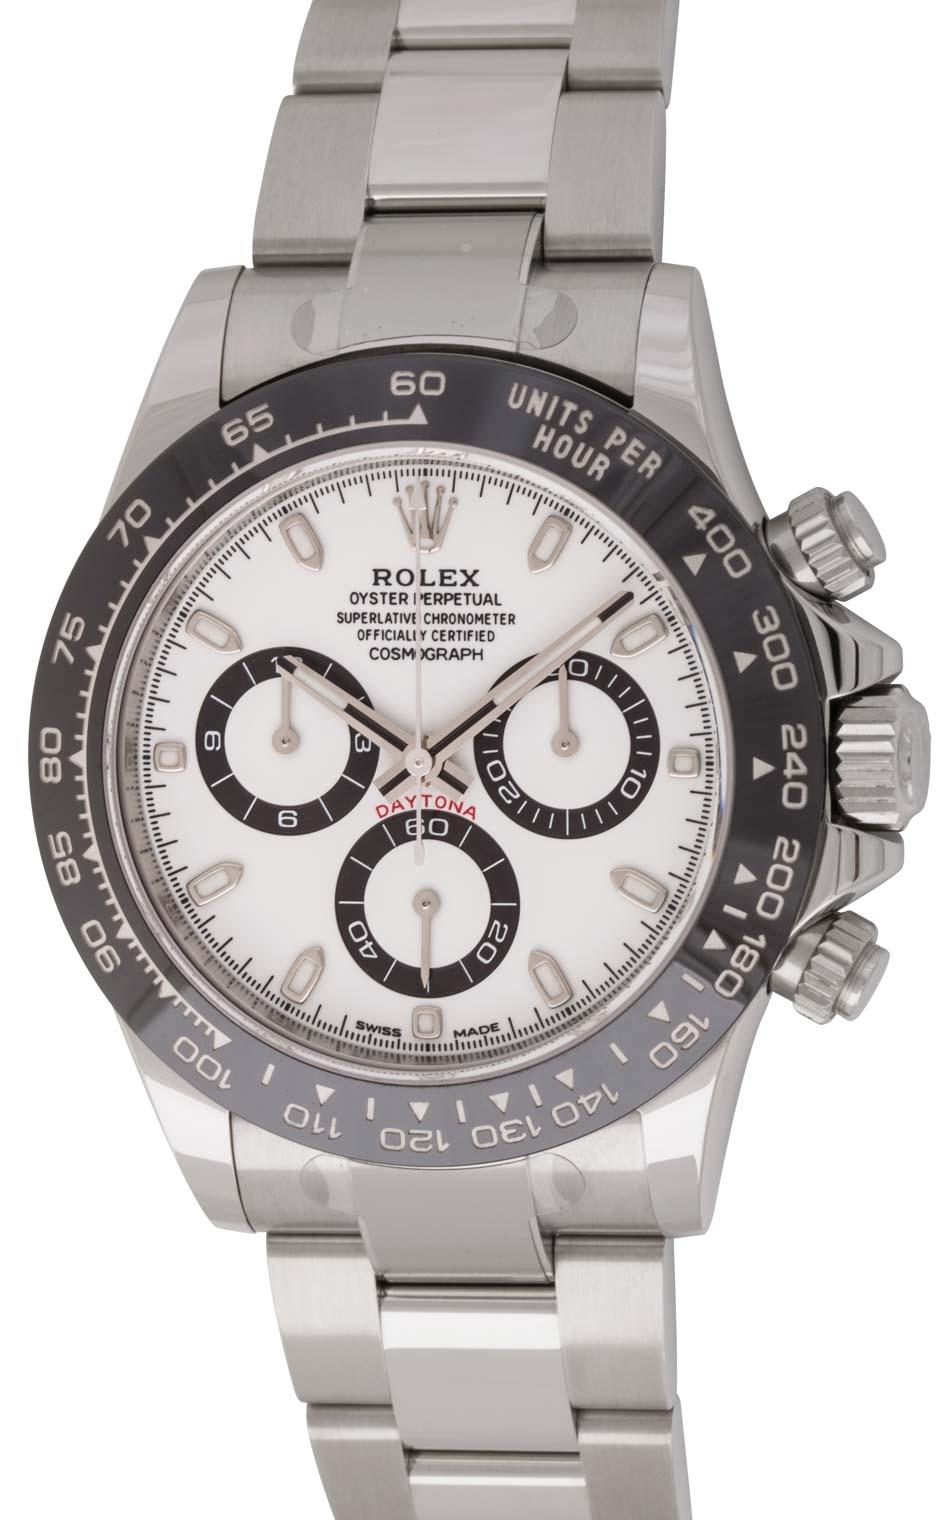 Rolex cosmograph daytona 116500ln bernard watch for Rolex cosmograph daytona